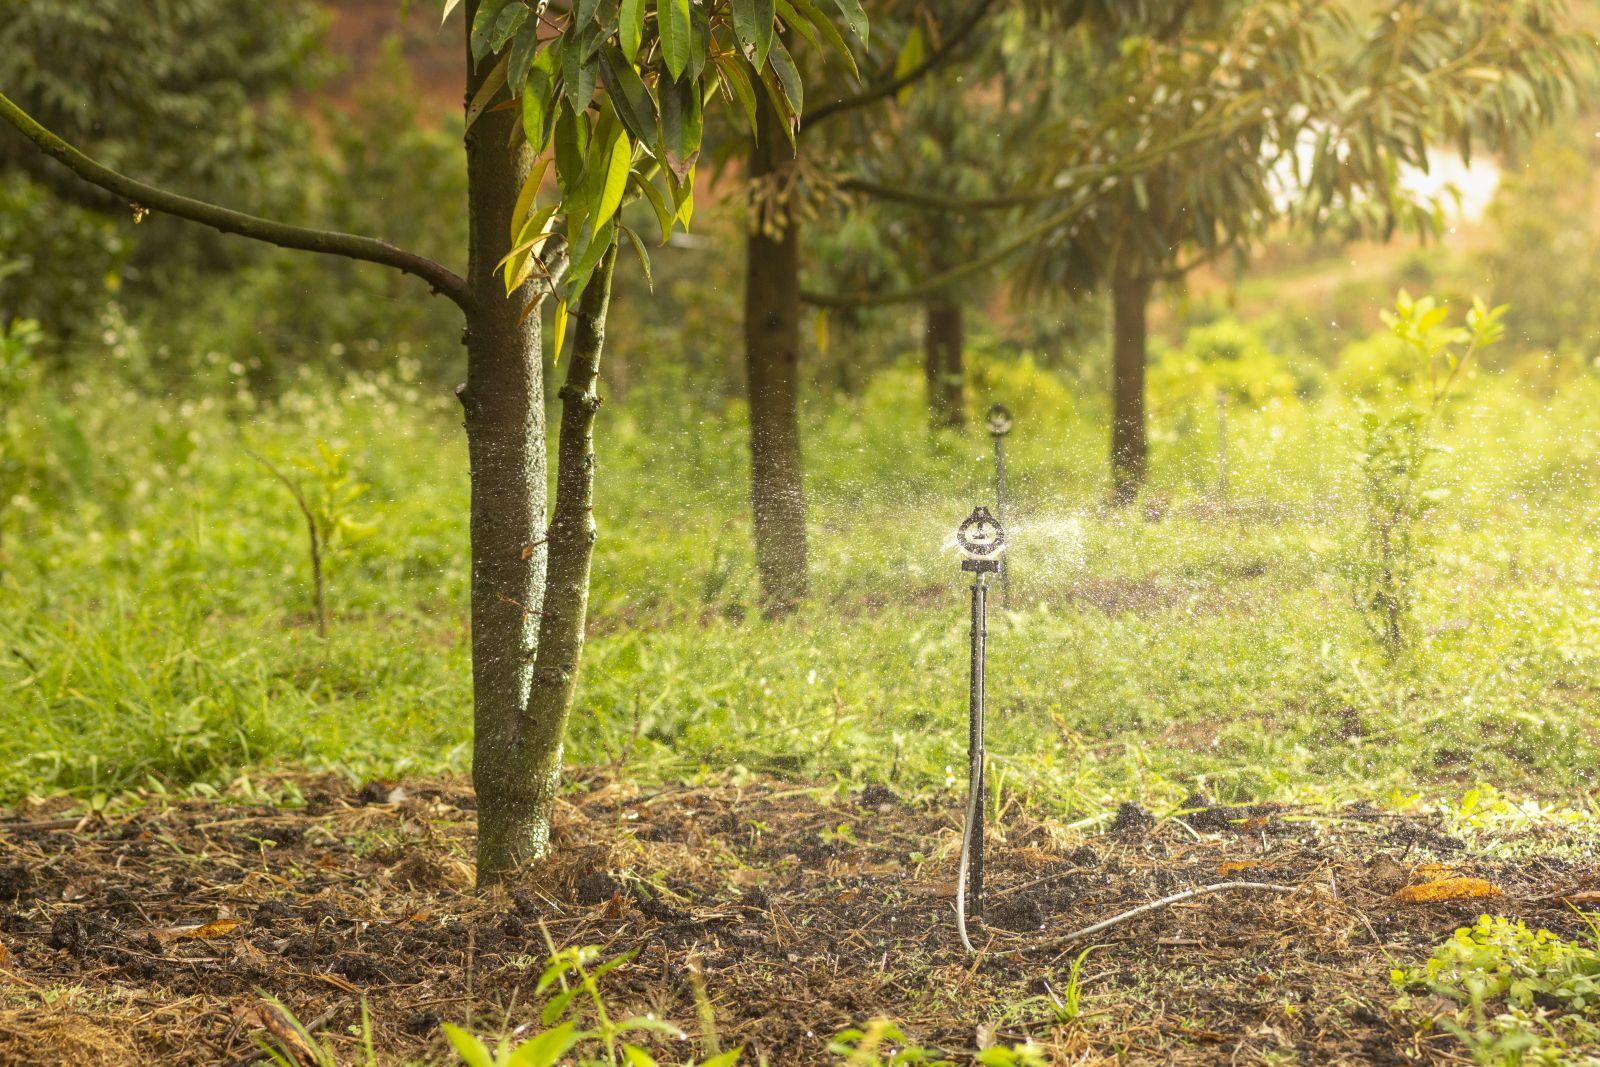 Béc BSSUPER tưới cho cây sầu riêng hơn 1 năm tuổi